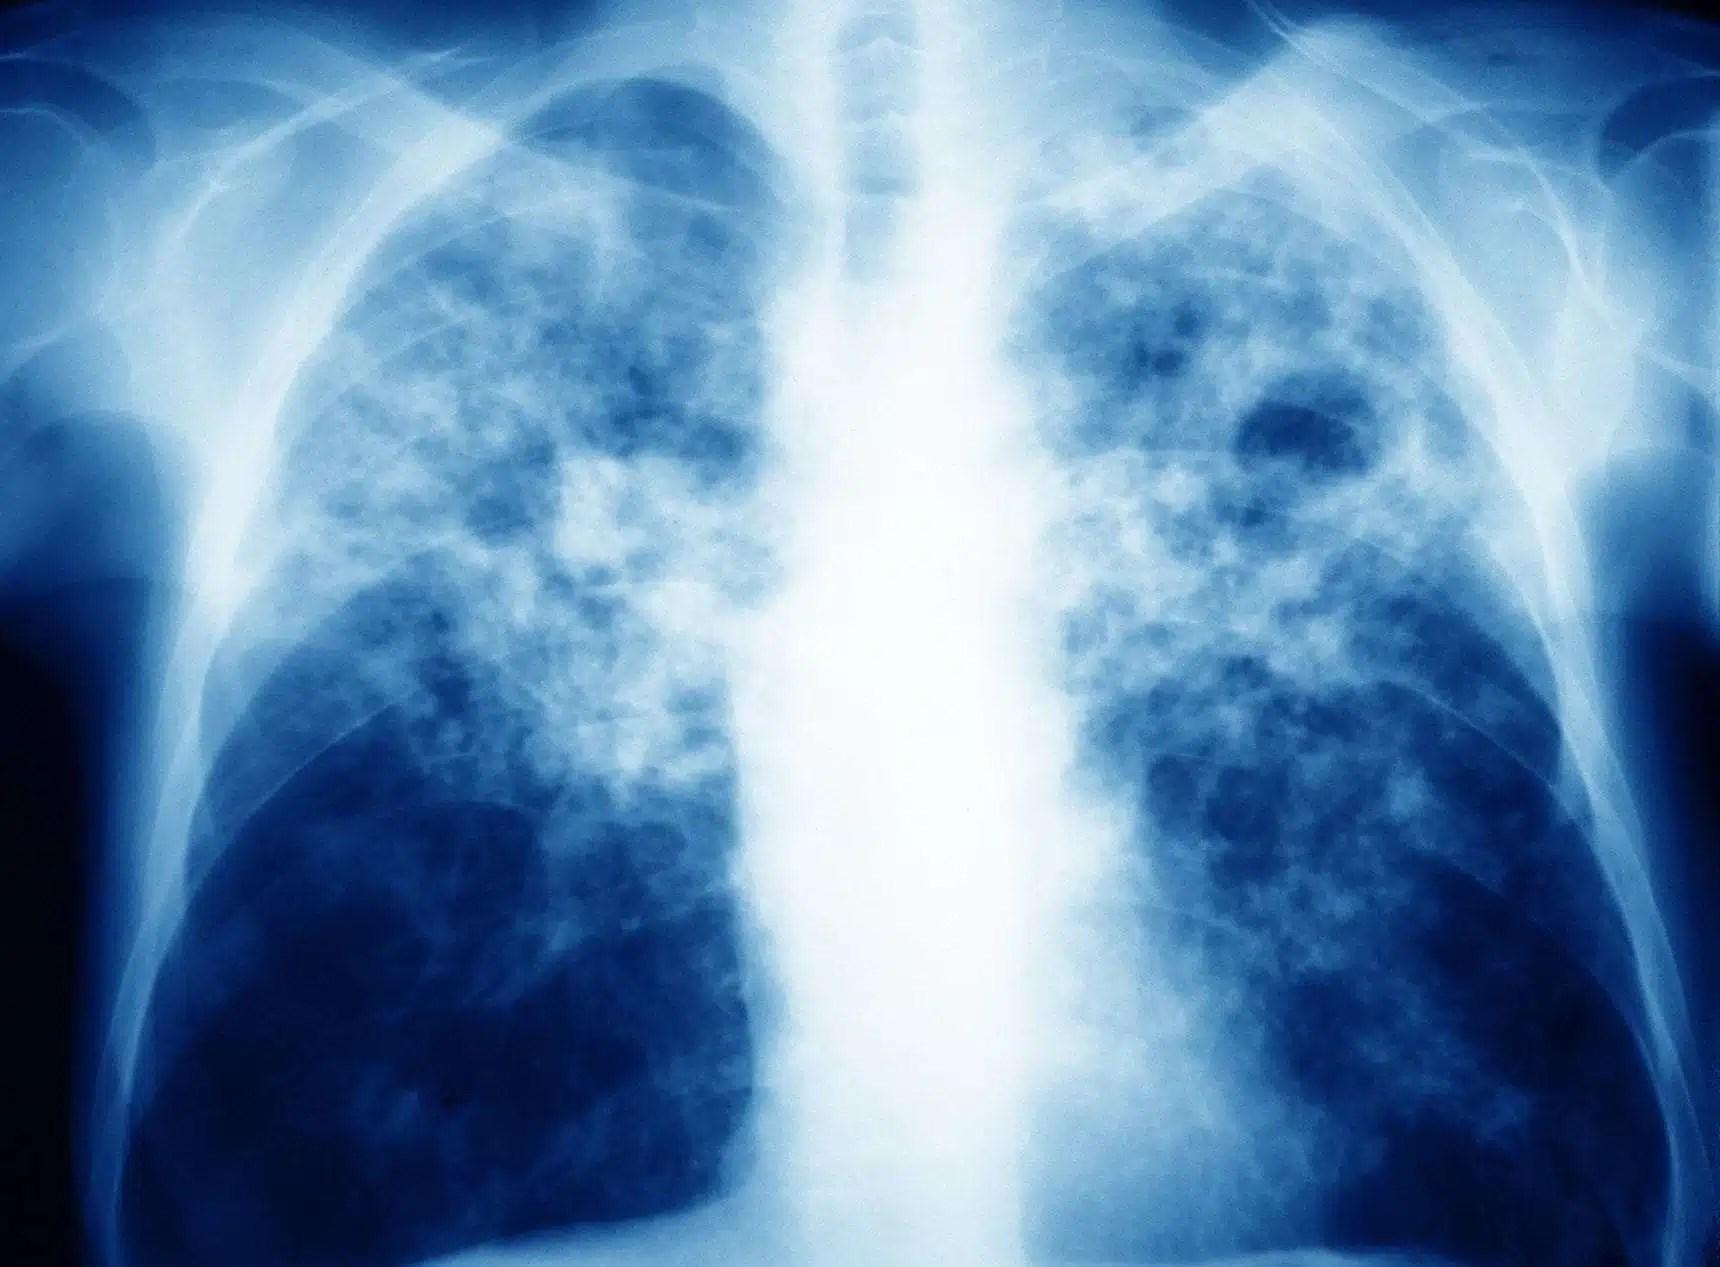 Tuberculosis-1720x1267